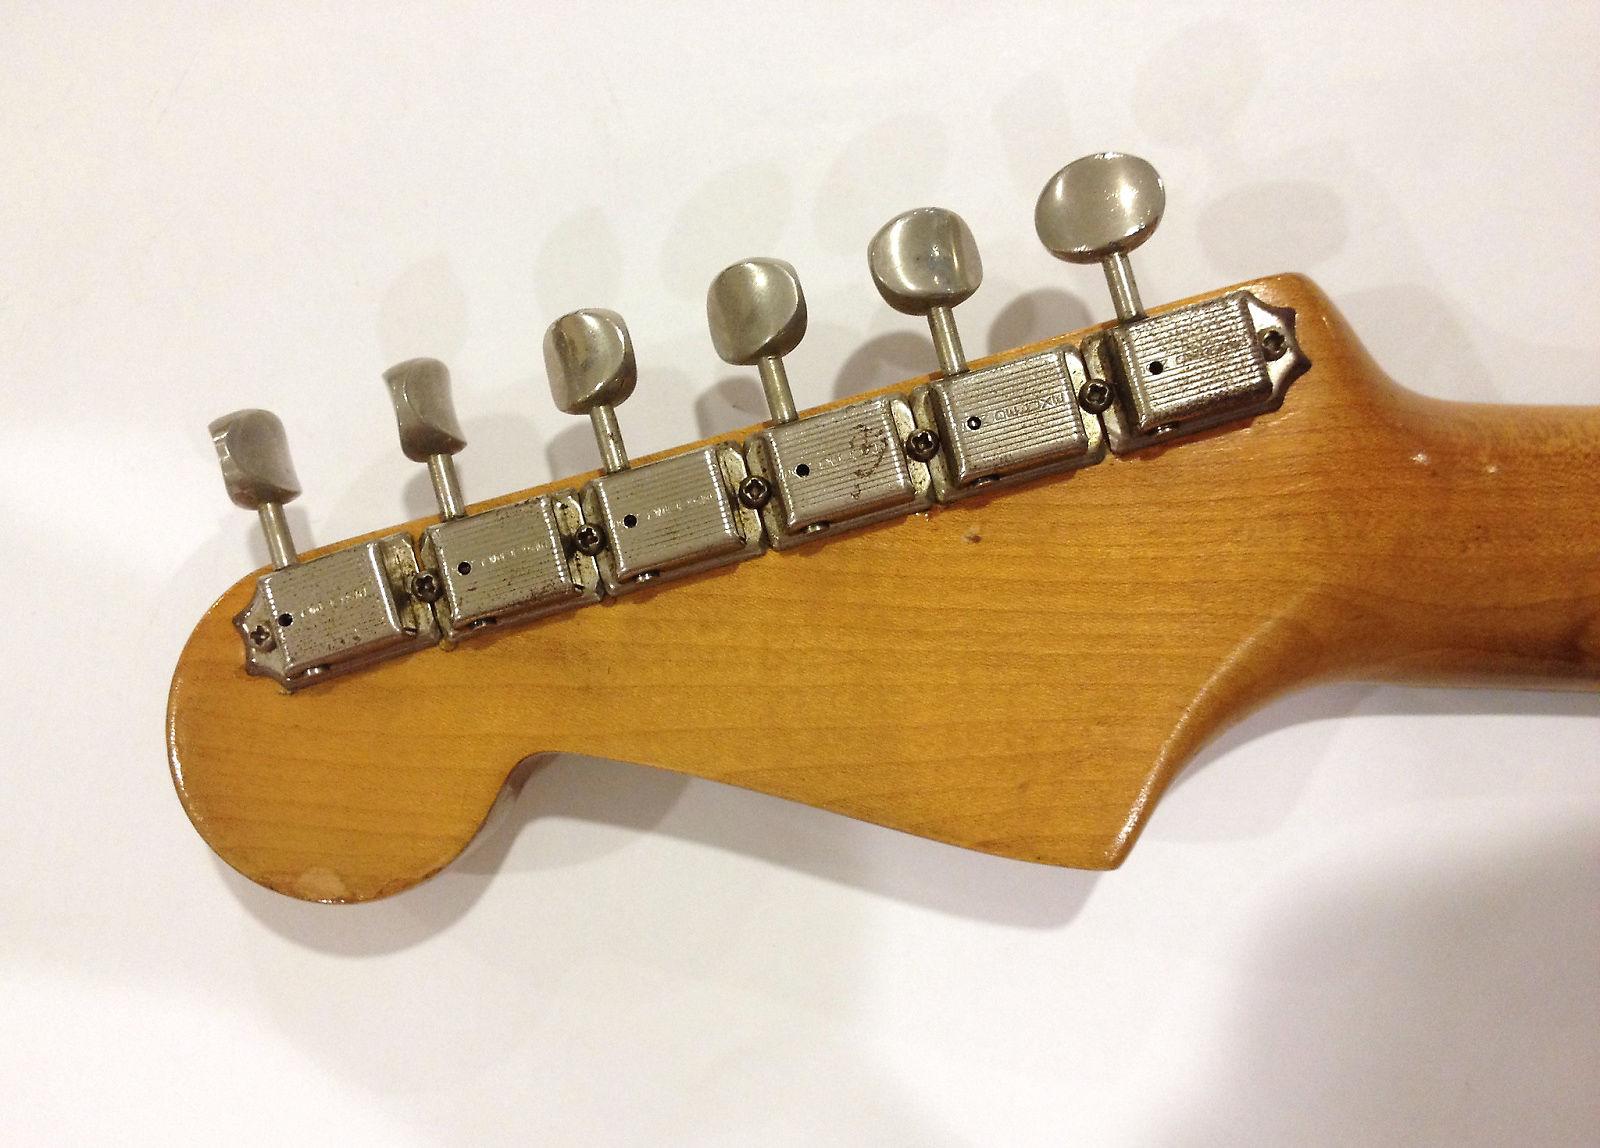 1960 Fender Stratocaster - 1960 Fender Stratocaster